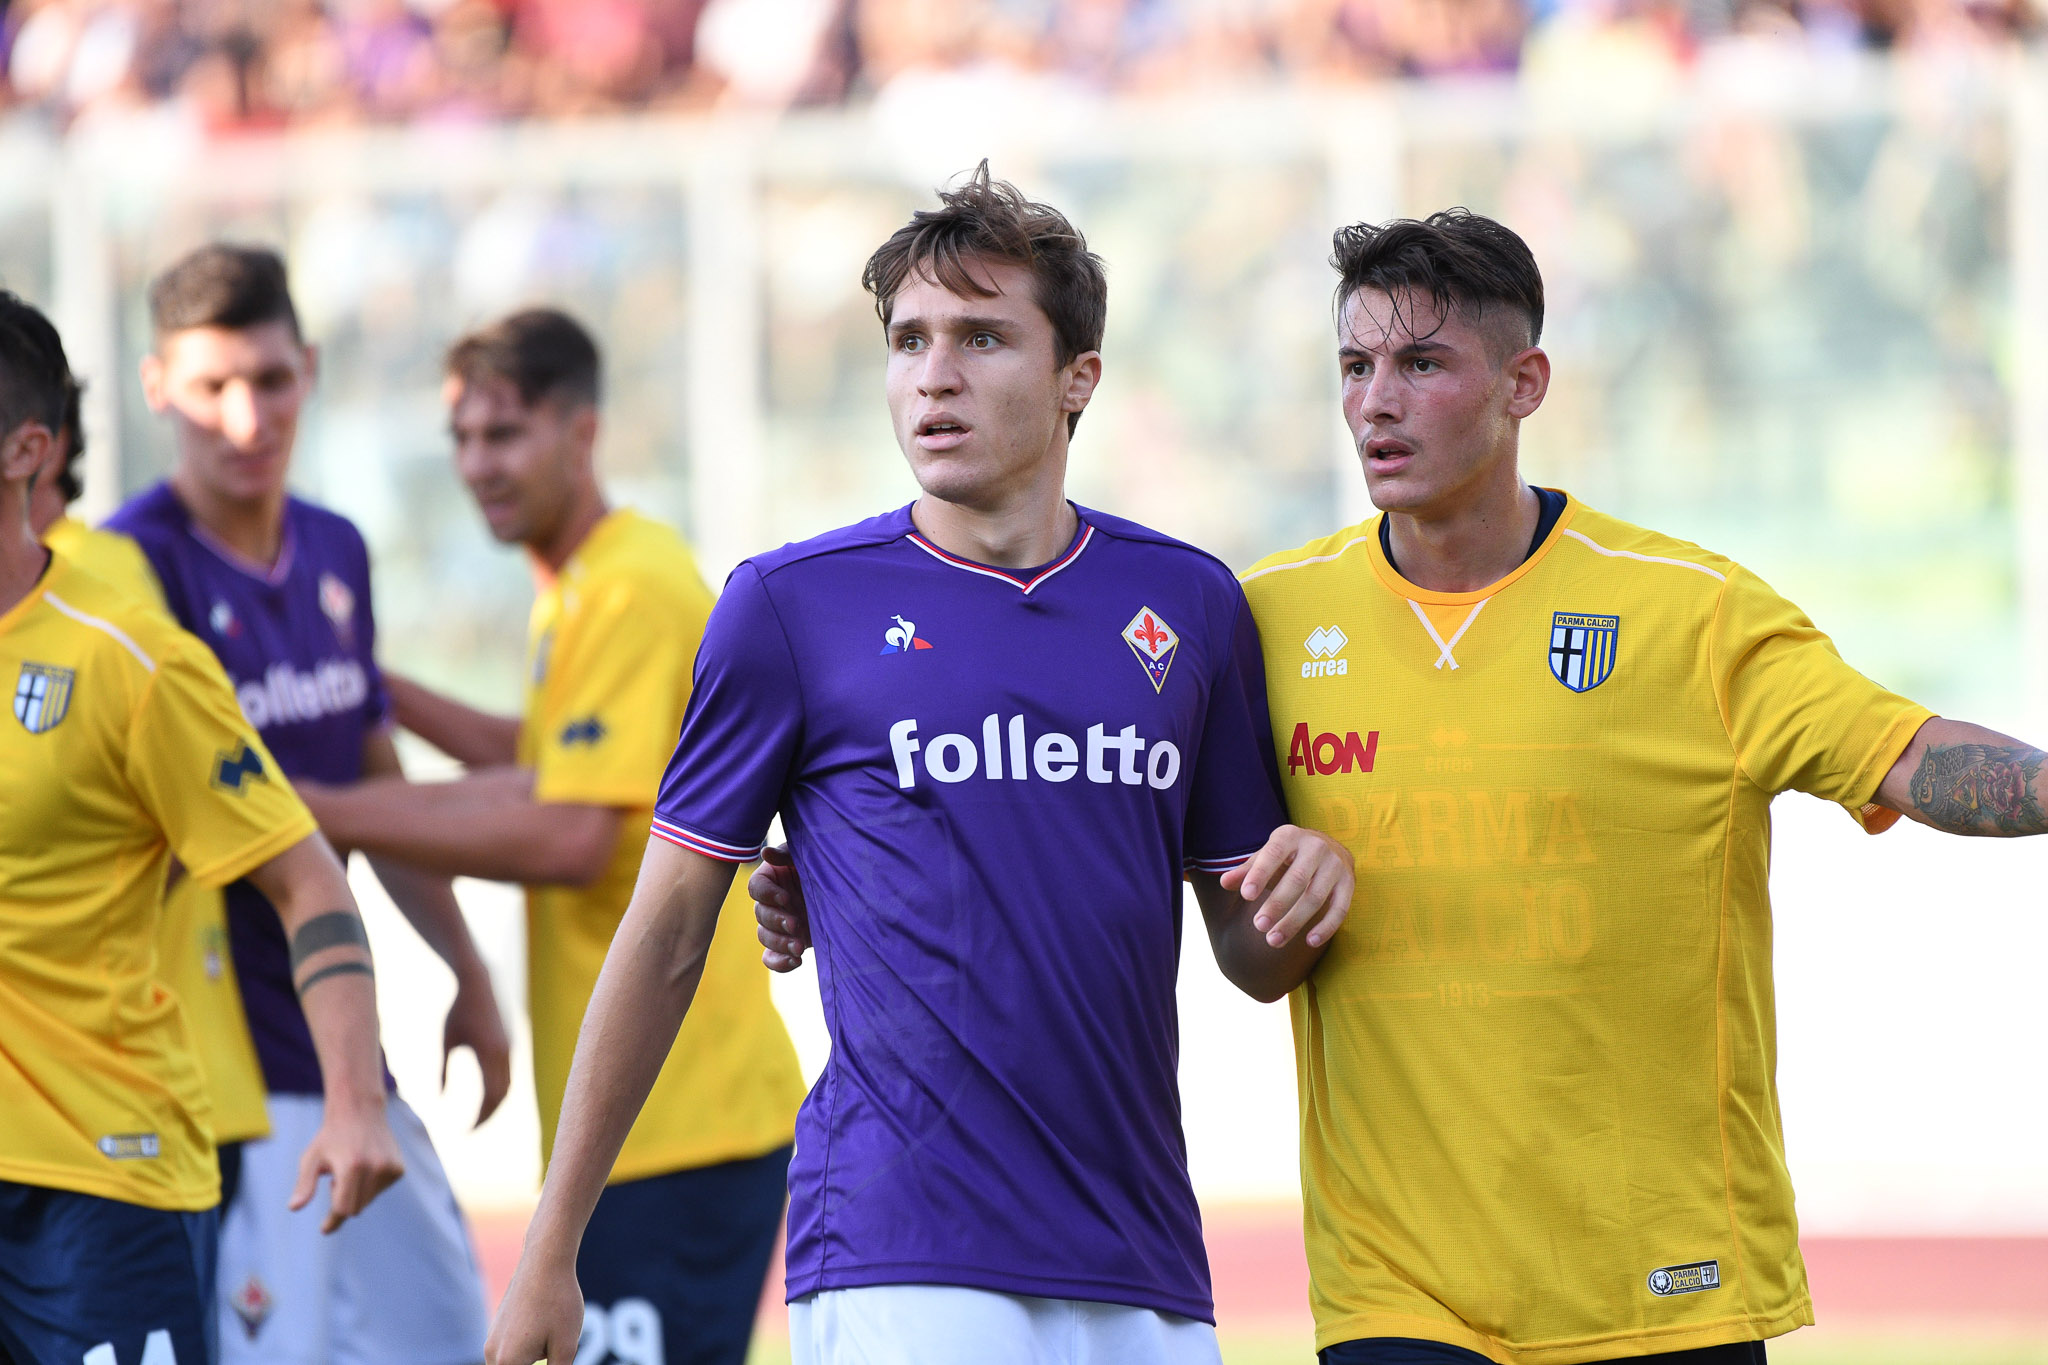 """Chiesa: """"Sogno di vincere un trofeo con la maglia della Fiorentina. Perché ho rinnovato?…"""""""